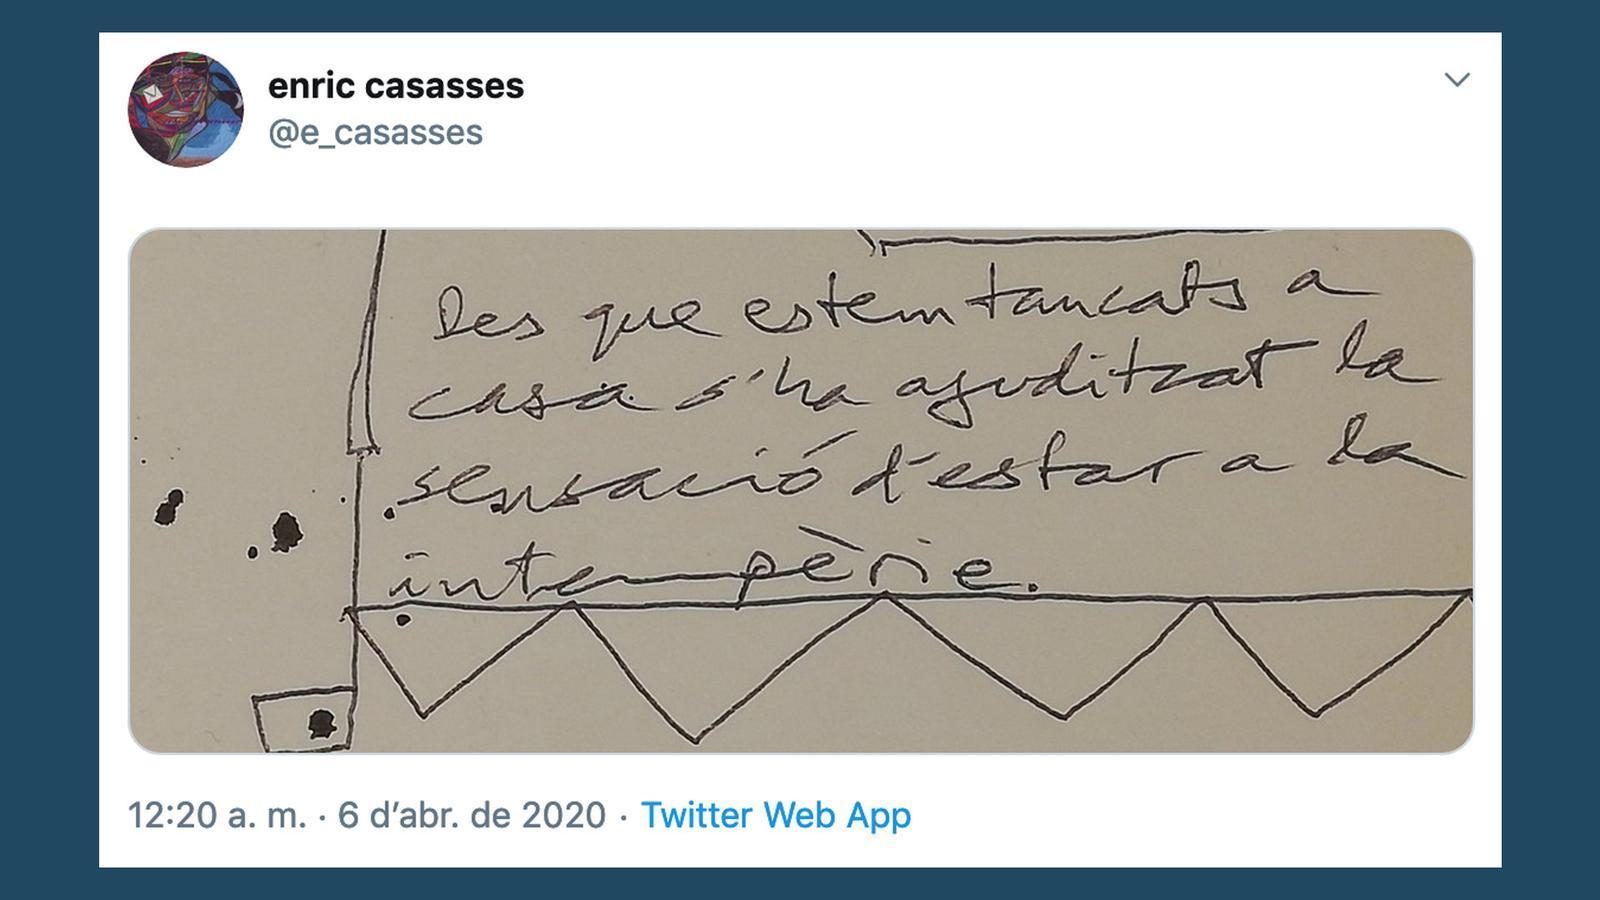 L'anàlisi d'Antoni Bassas: 'Tancats a casa però a la intempèrie (Casasses)'